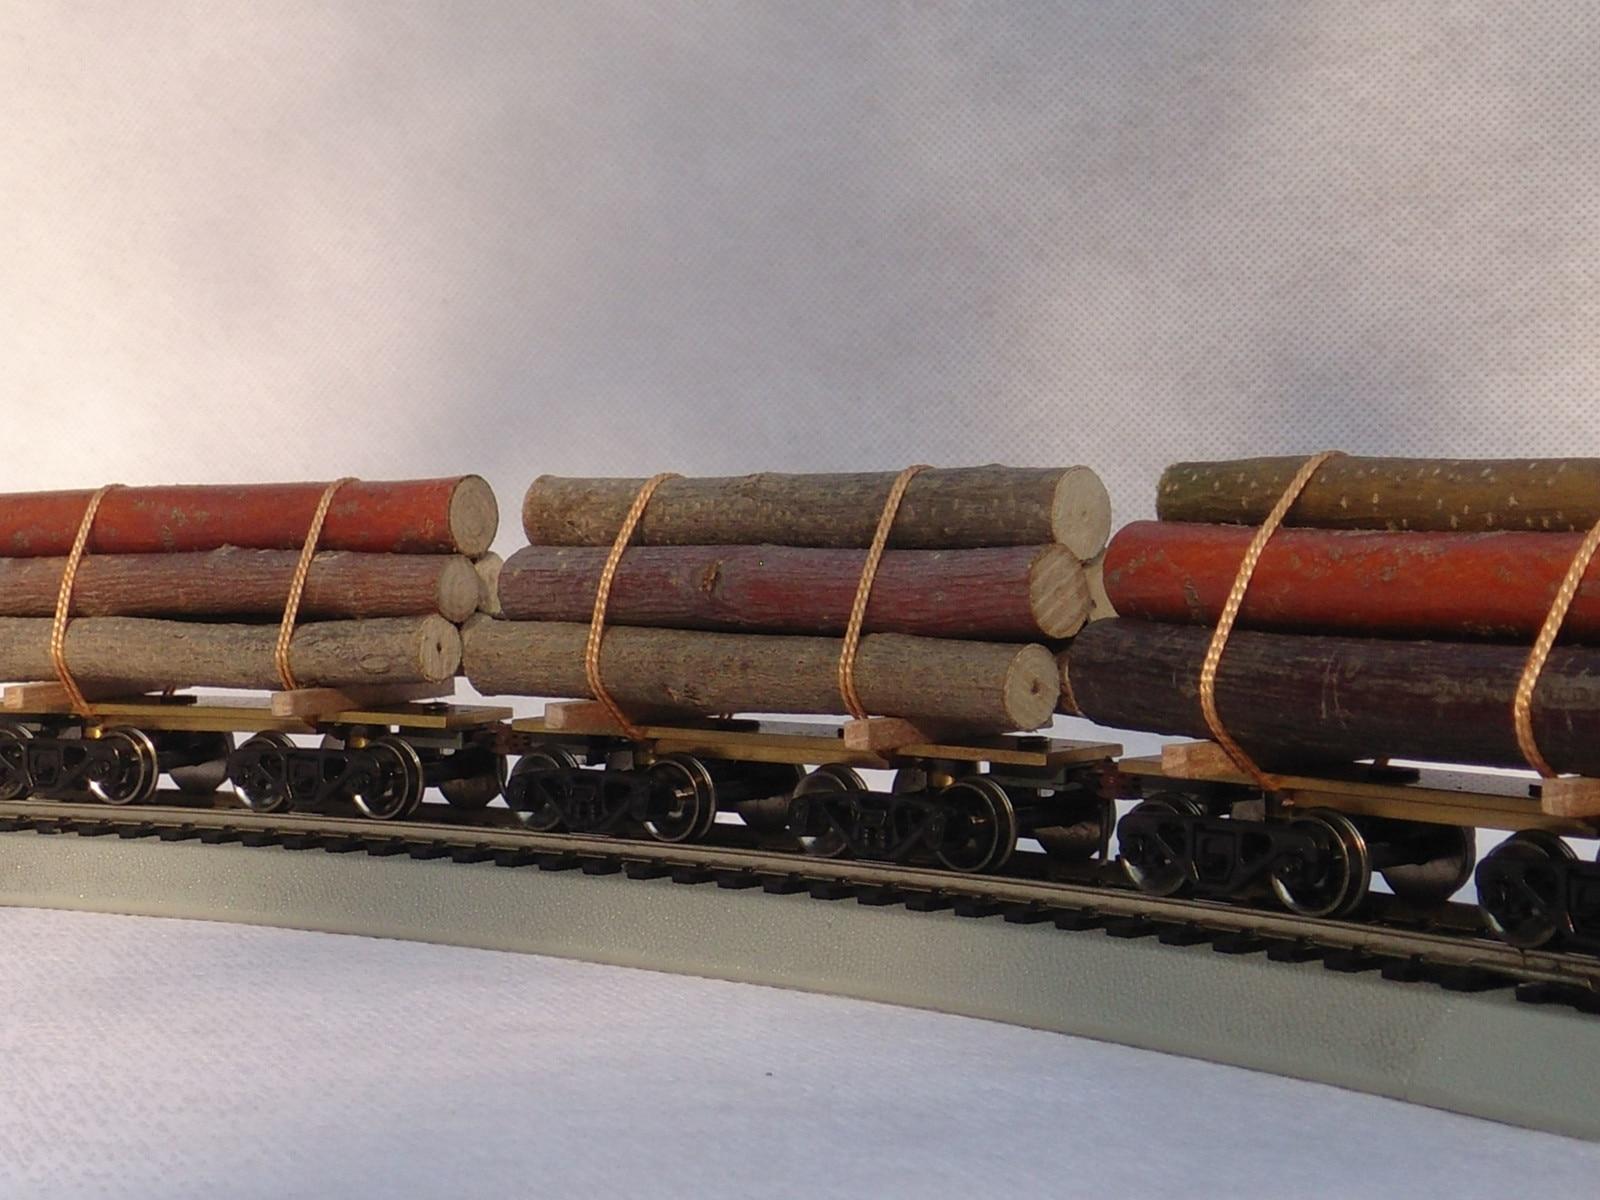 1: 87 HO échelle modèle Train bois avec roues y compris 6 pièces bois